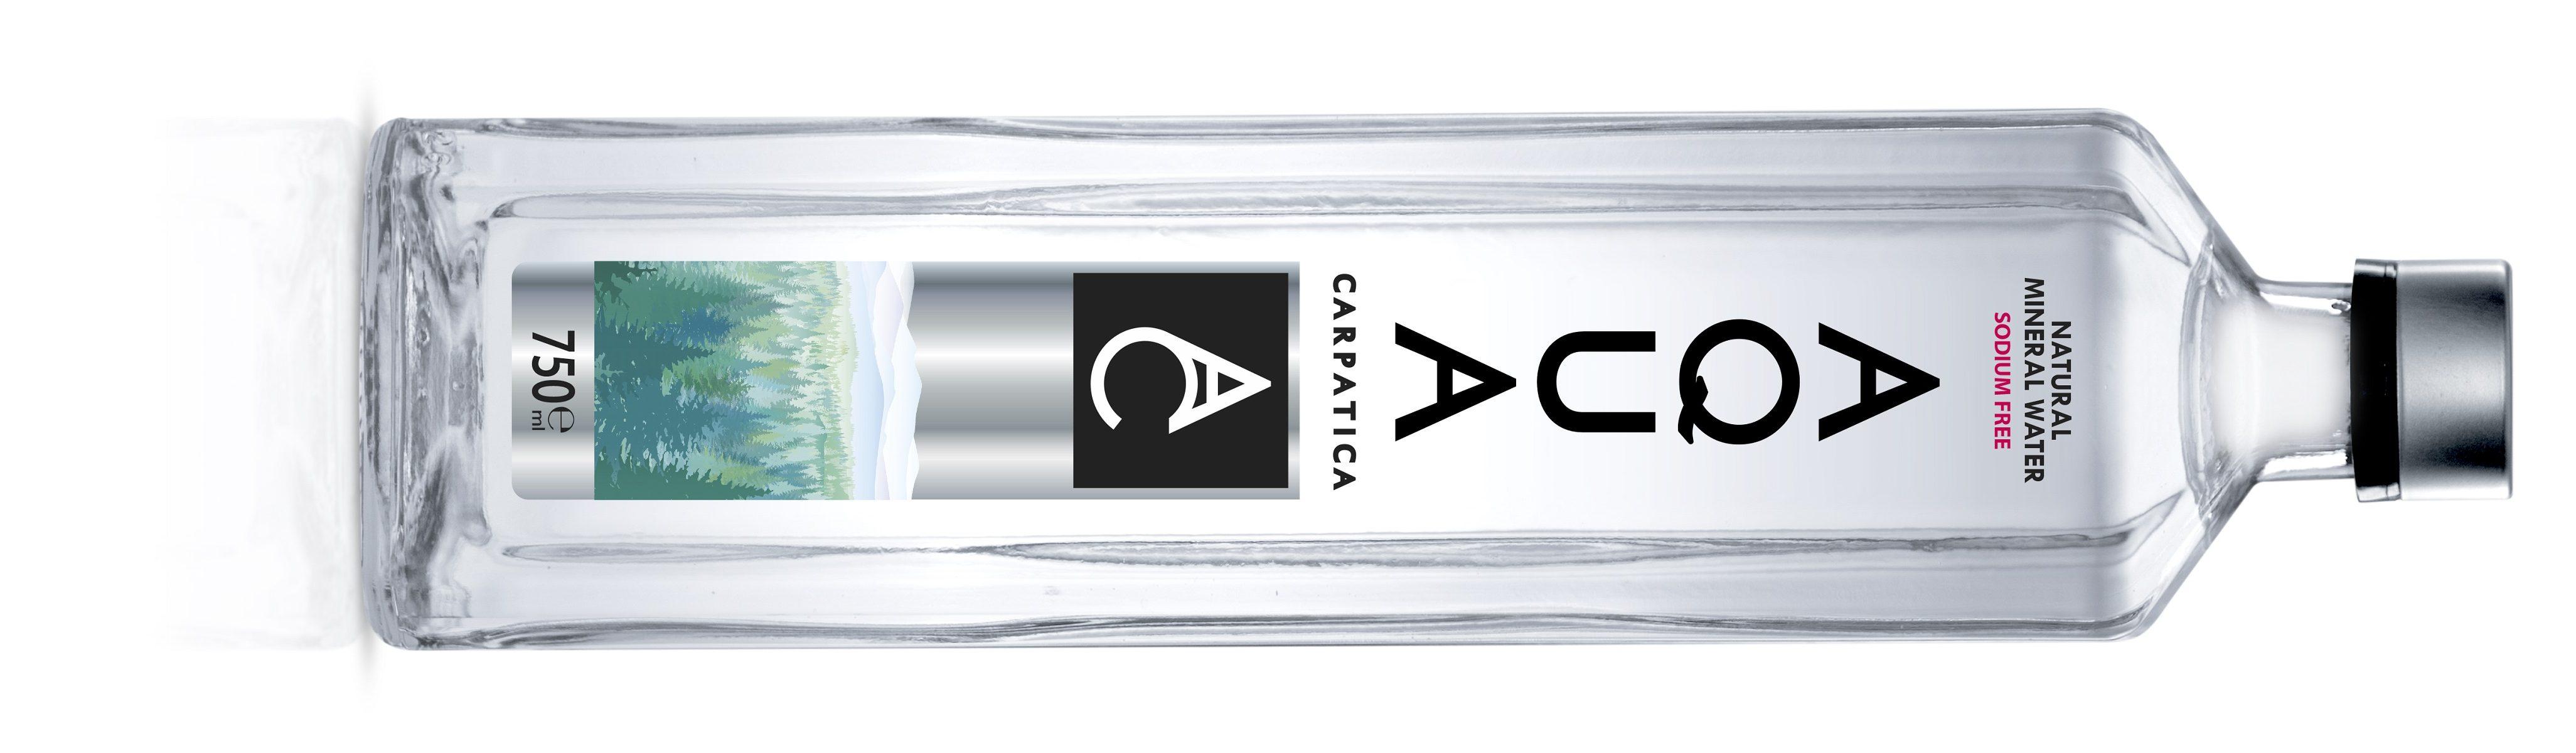 AQUA Carpatica Still Natural Mineral Water